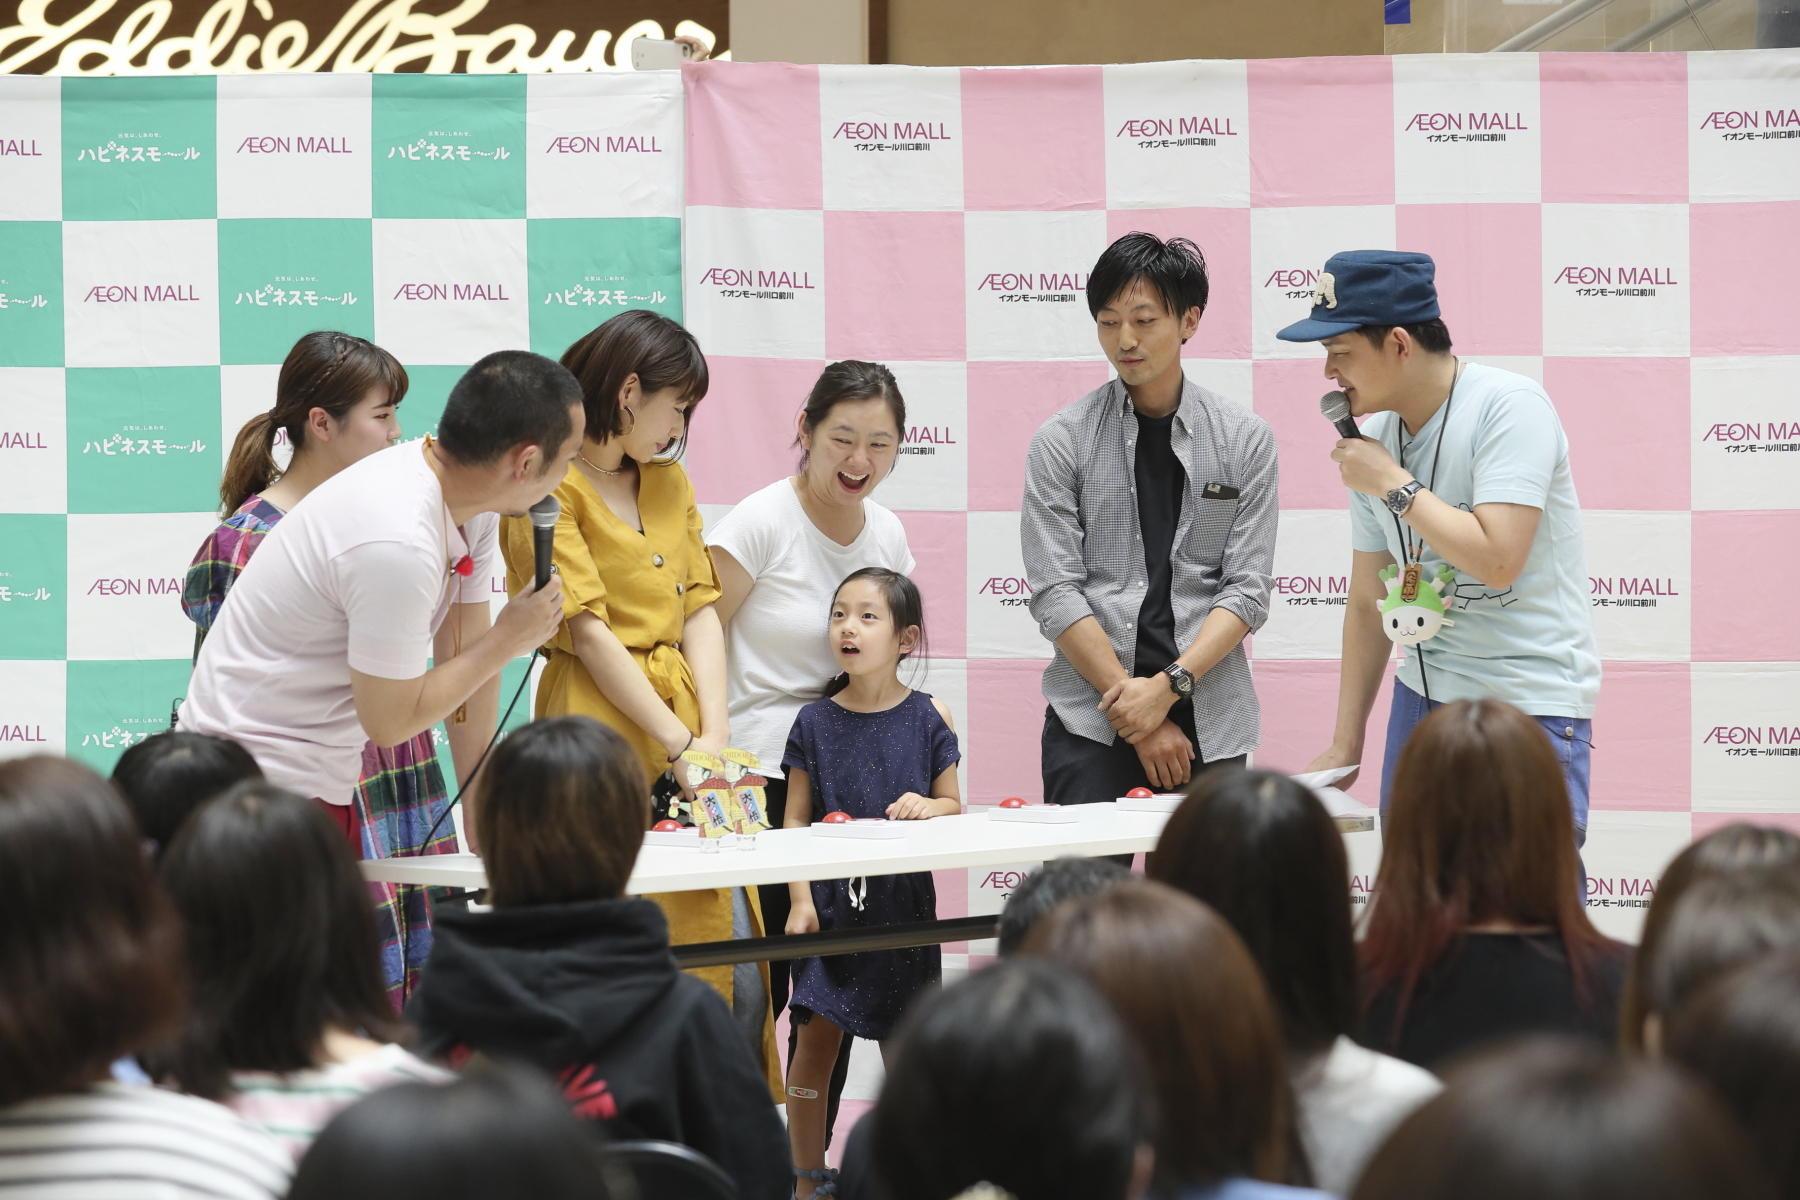 http://news.yoshimoto.co.jp/20180531130352-6f3d975c5c4cc252c4fea4074836ce22934b3a5a.jpg